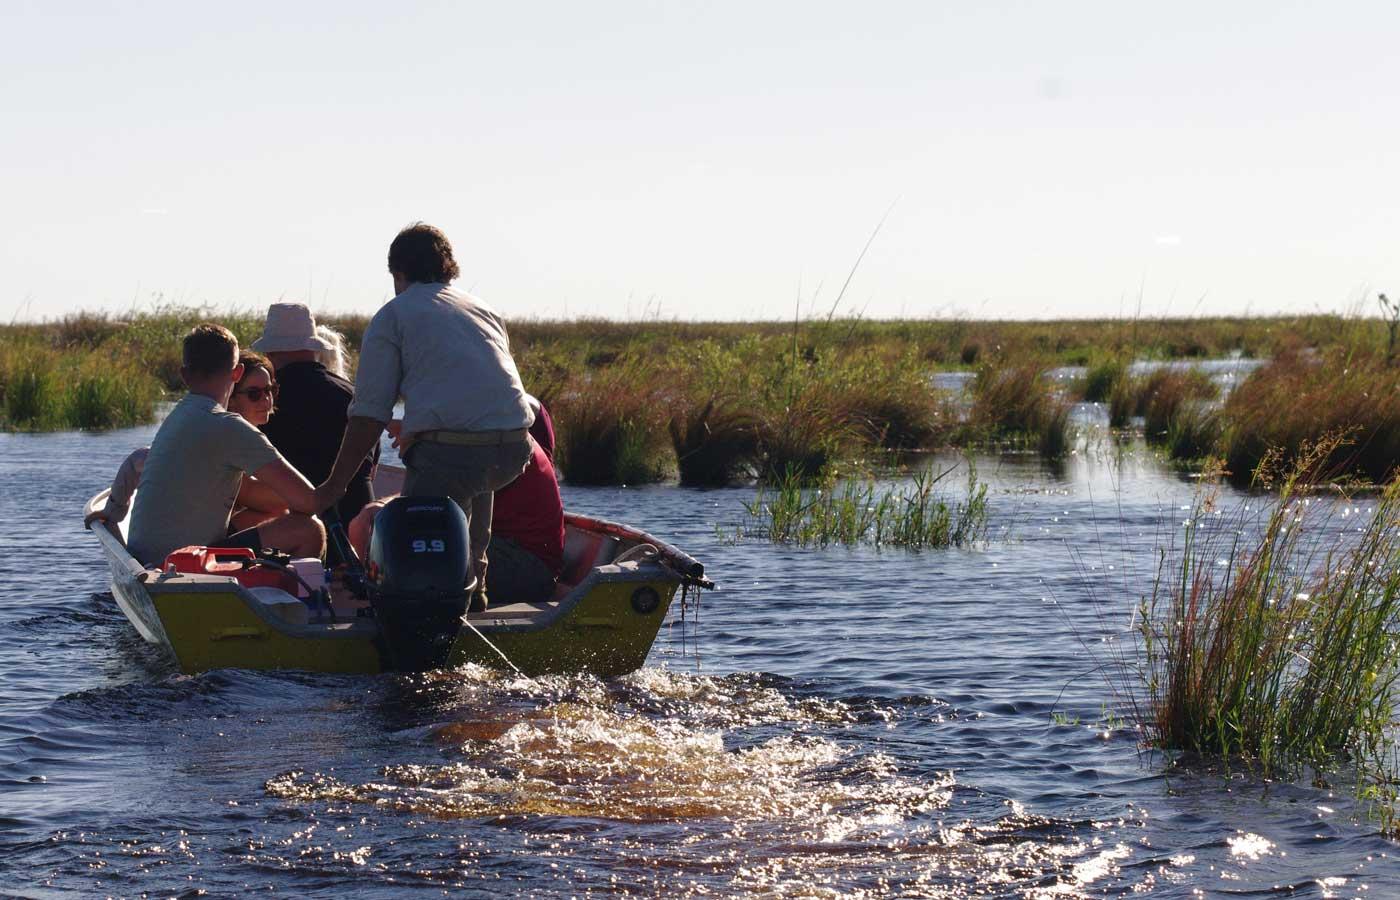 Motorboat tour in the Ibera Wetlands in Puerto Valle, Argentina